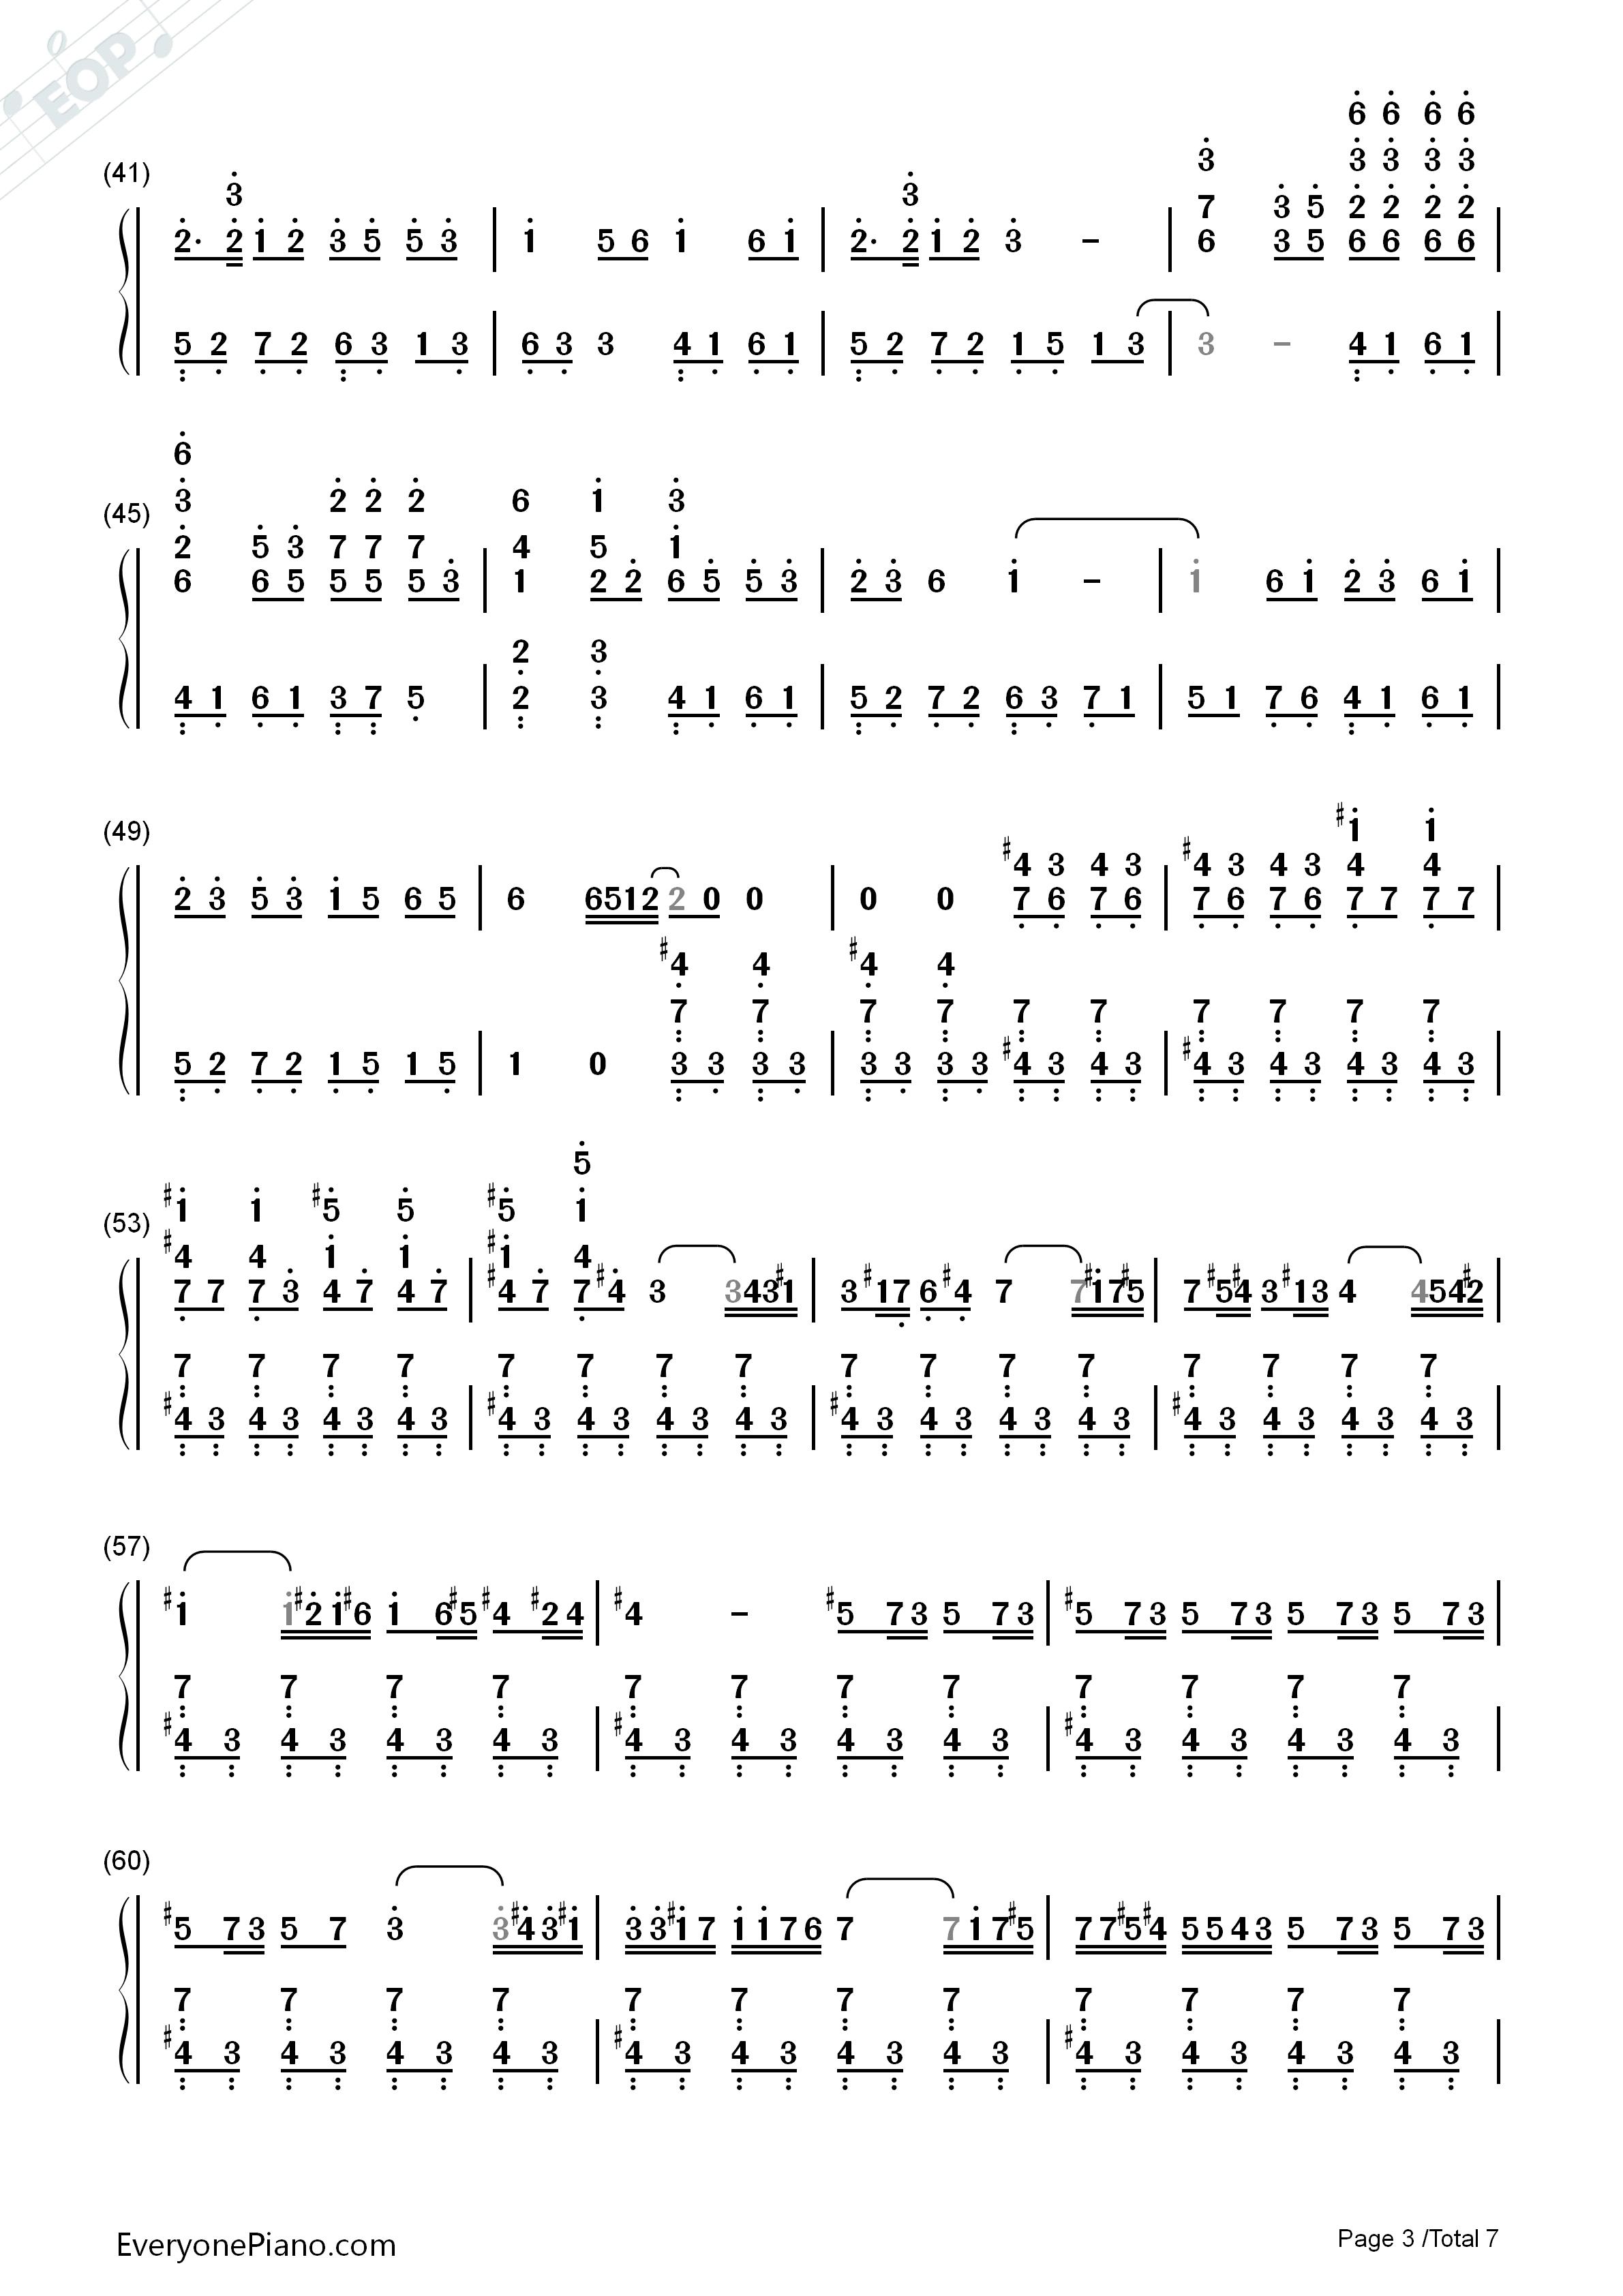 Asian dream song sheet music